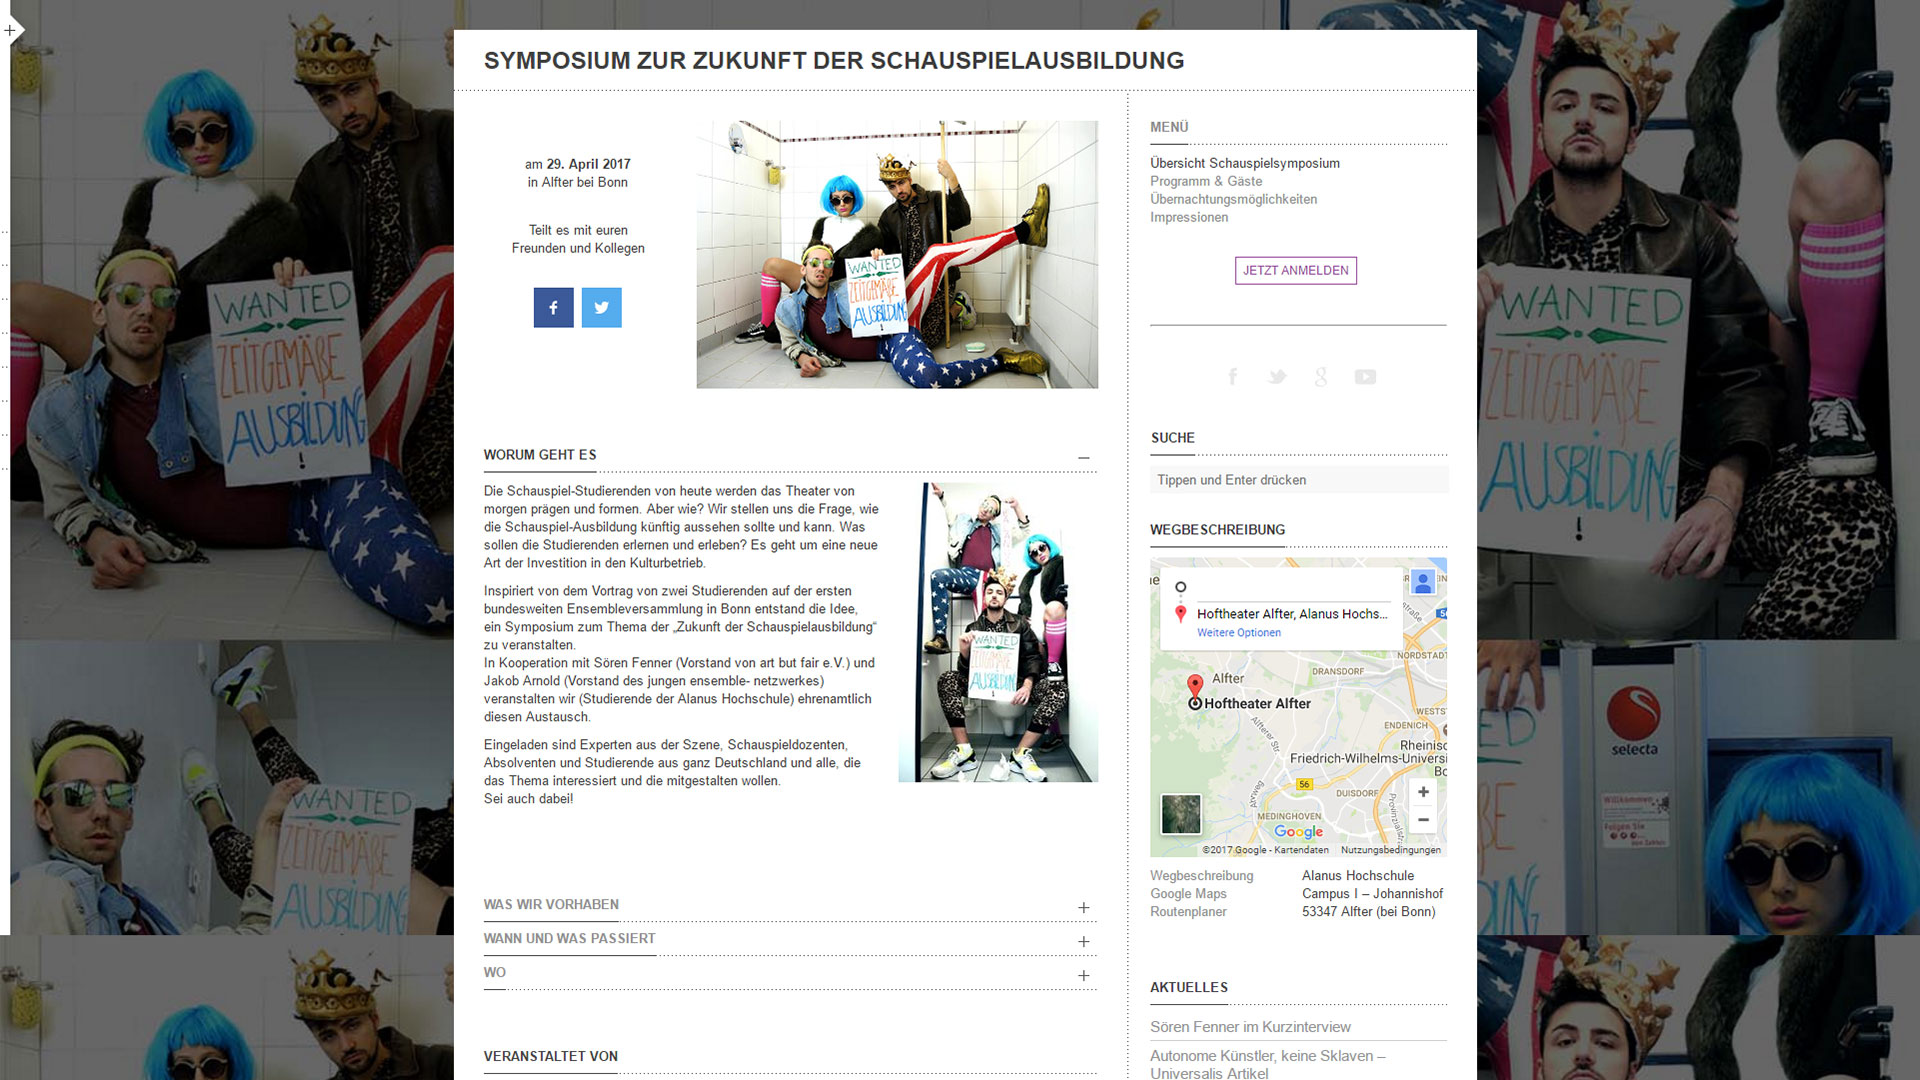 Webseite Symposium zur Zukunft der Schauspielausbildung